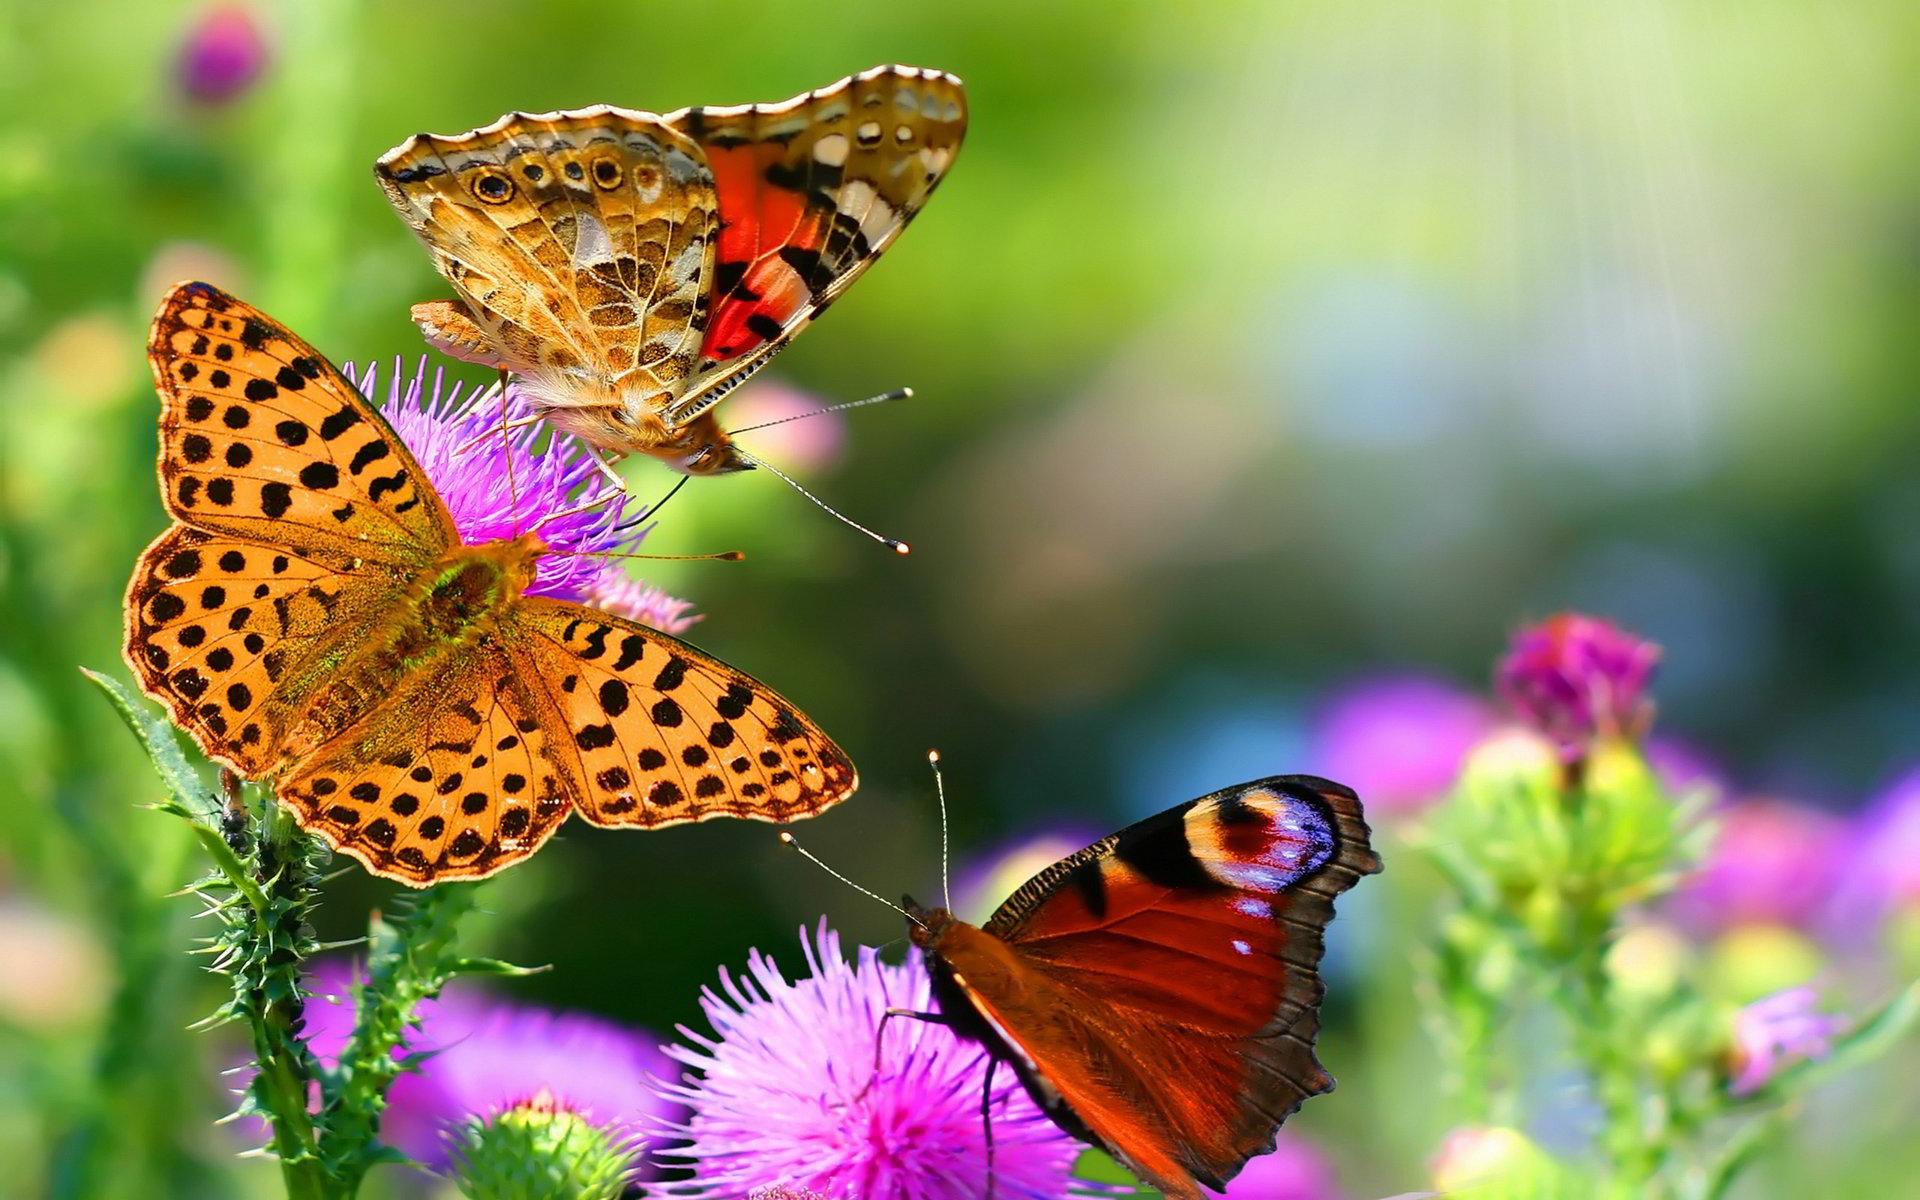 ảnh đẹp bươm bướm